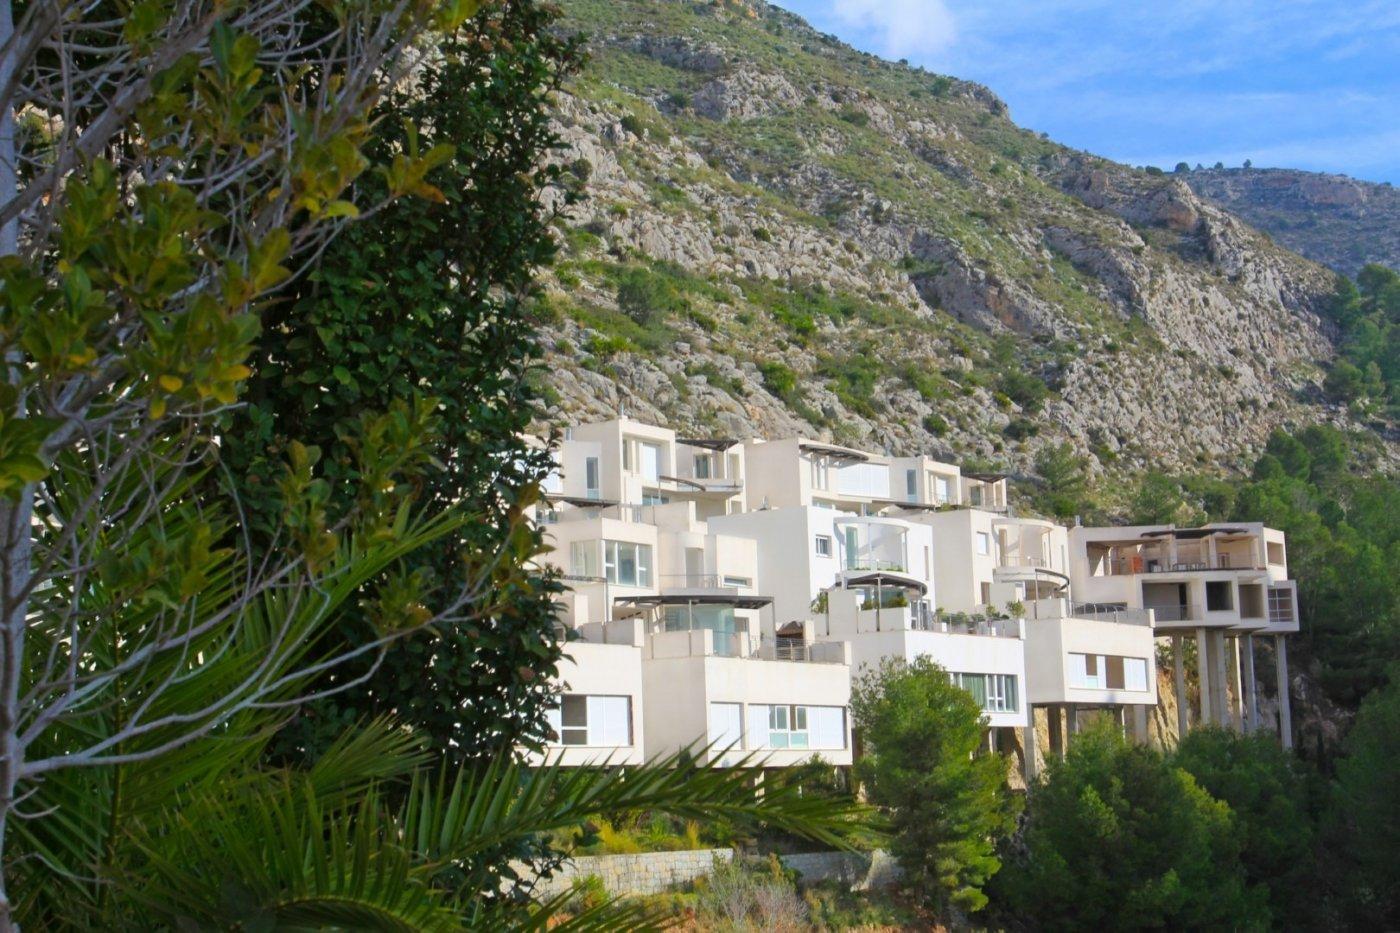 Villa de obra nueva en altea con vistas al mar!!! - imagenInmueble15